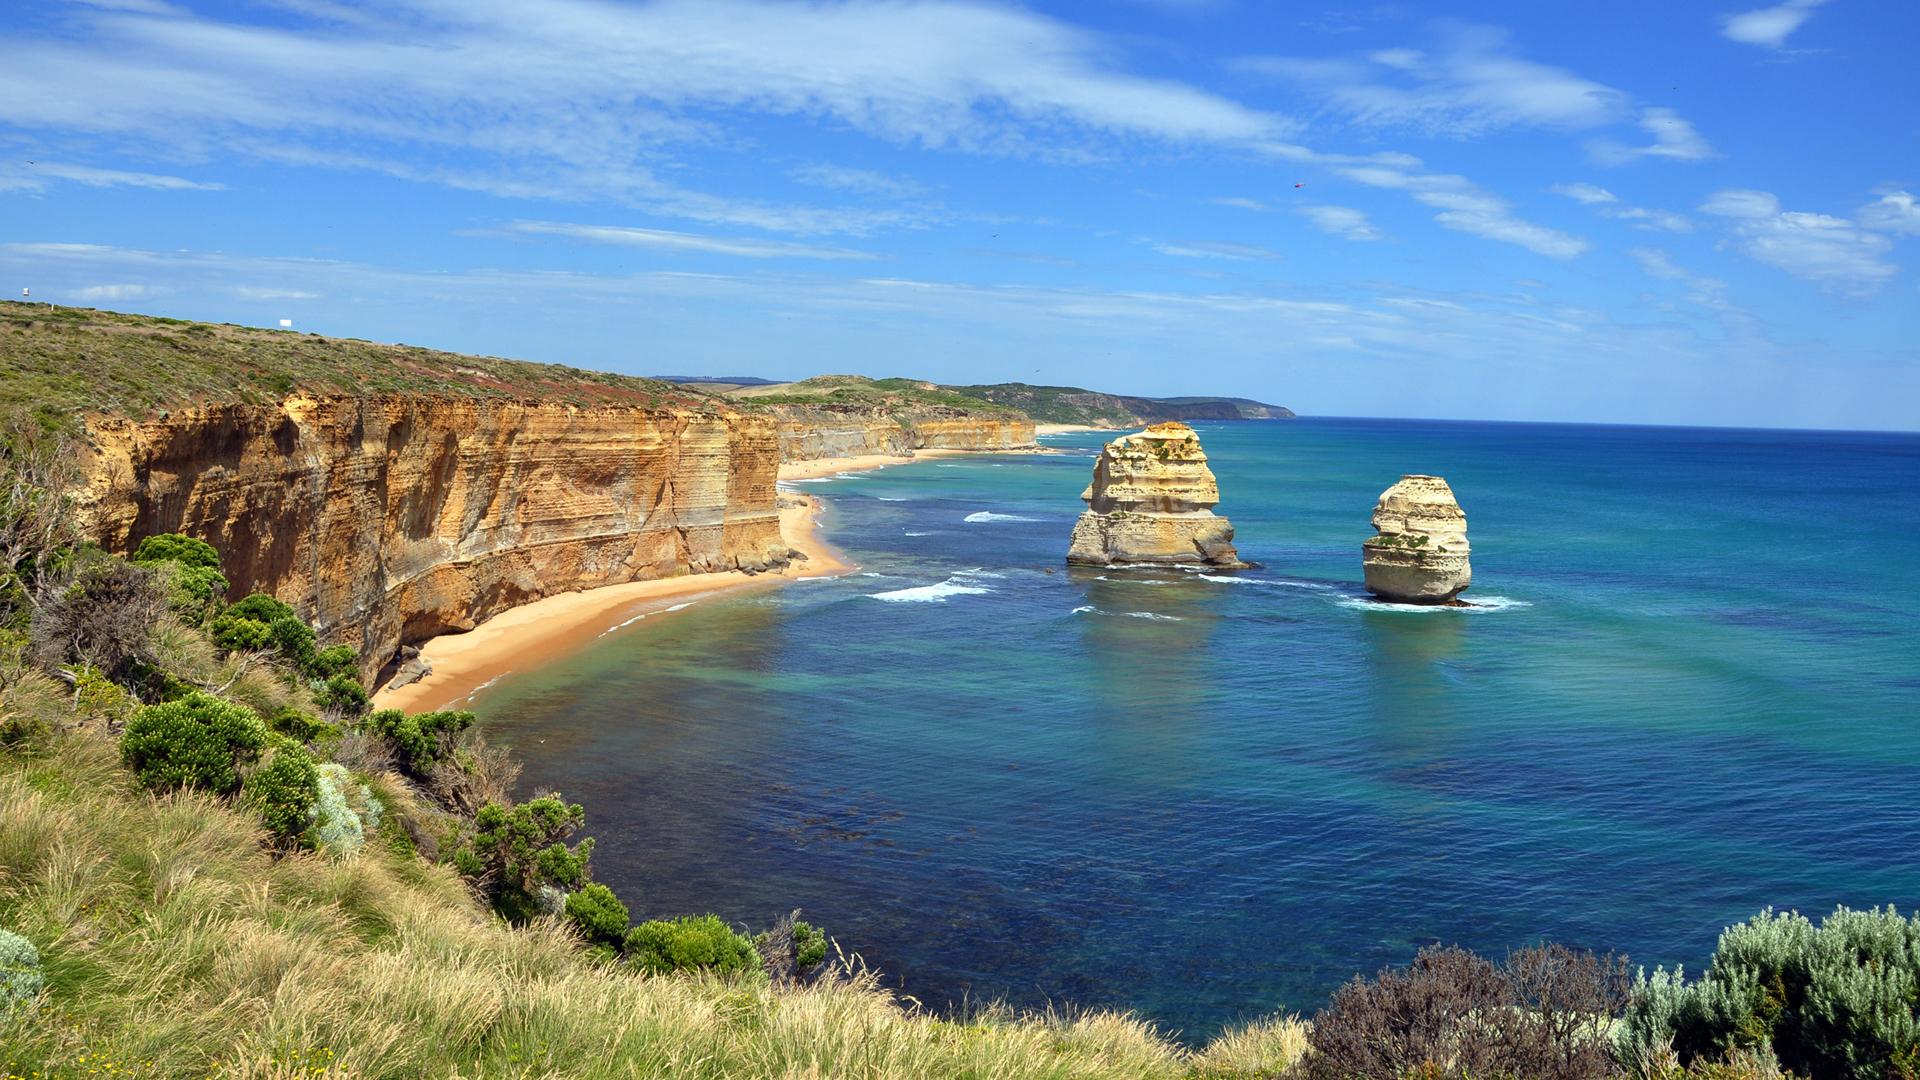 免费下载海, 景观, 山手机壁纸。